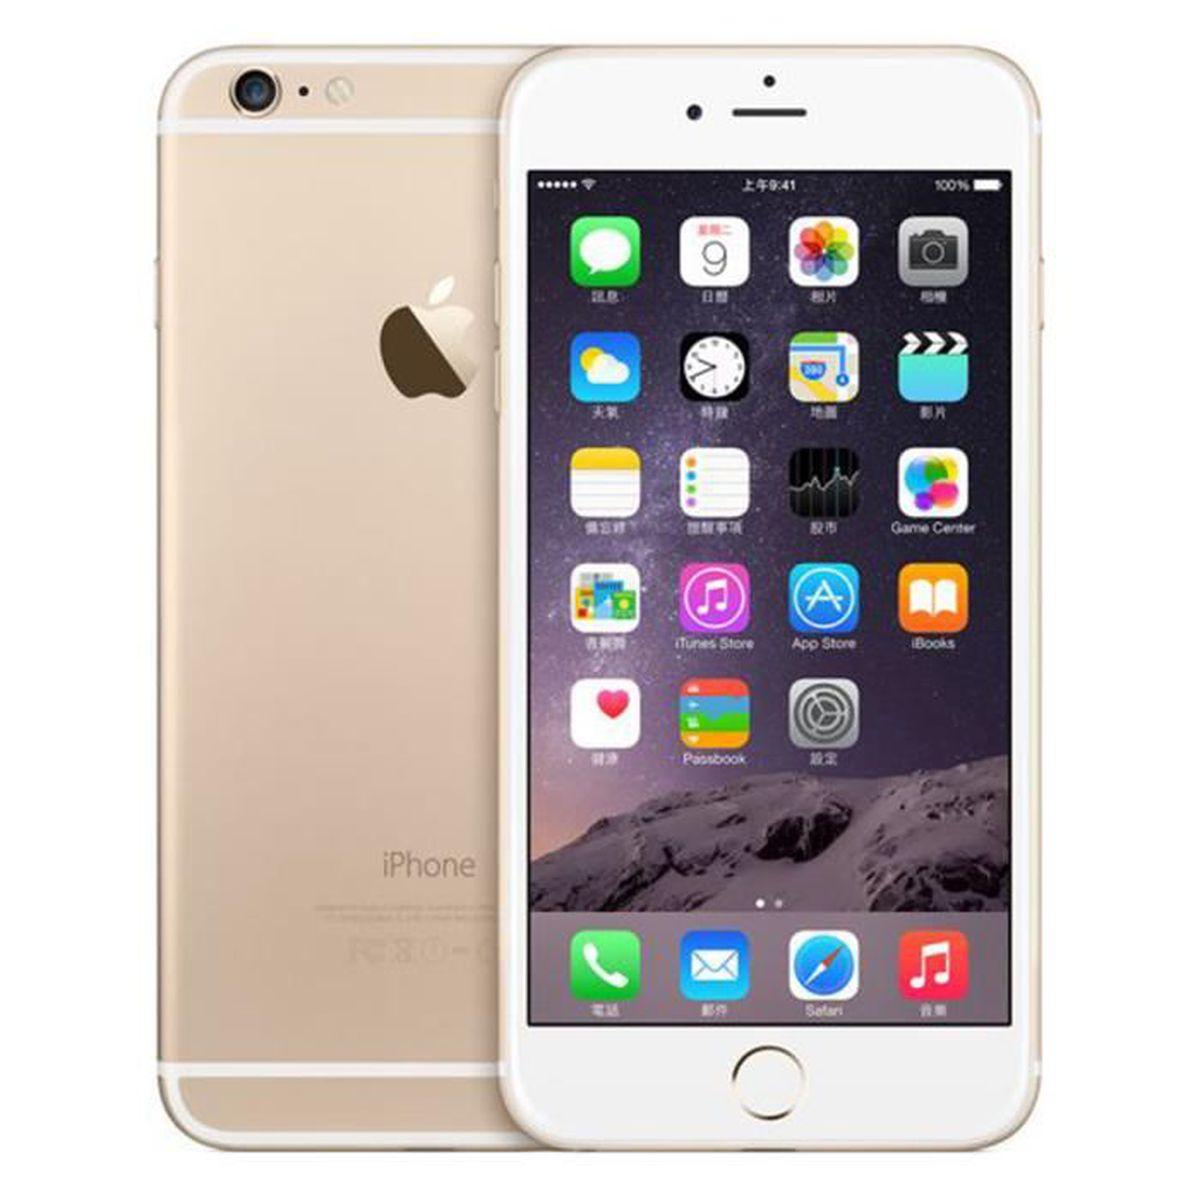 SMARTPHONE RECOND. iPhone 6 16GO OR débloqué Grade A+++ remise à neuf